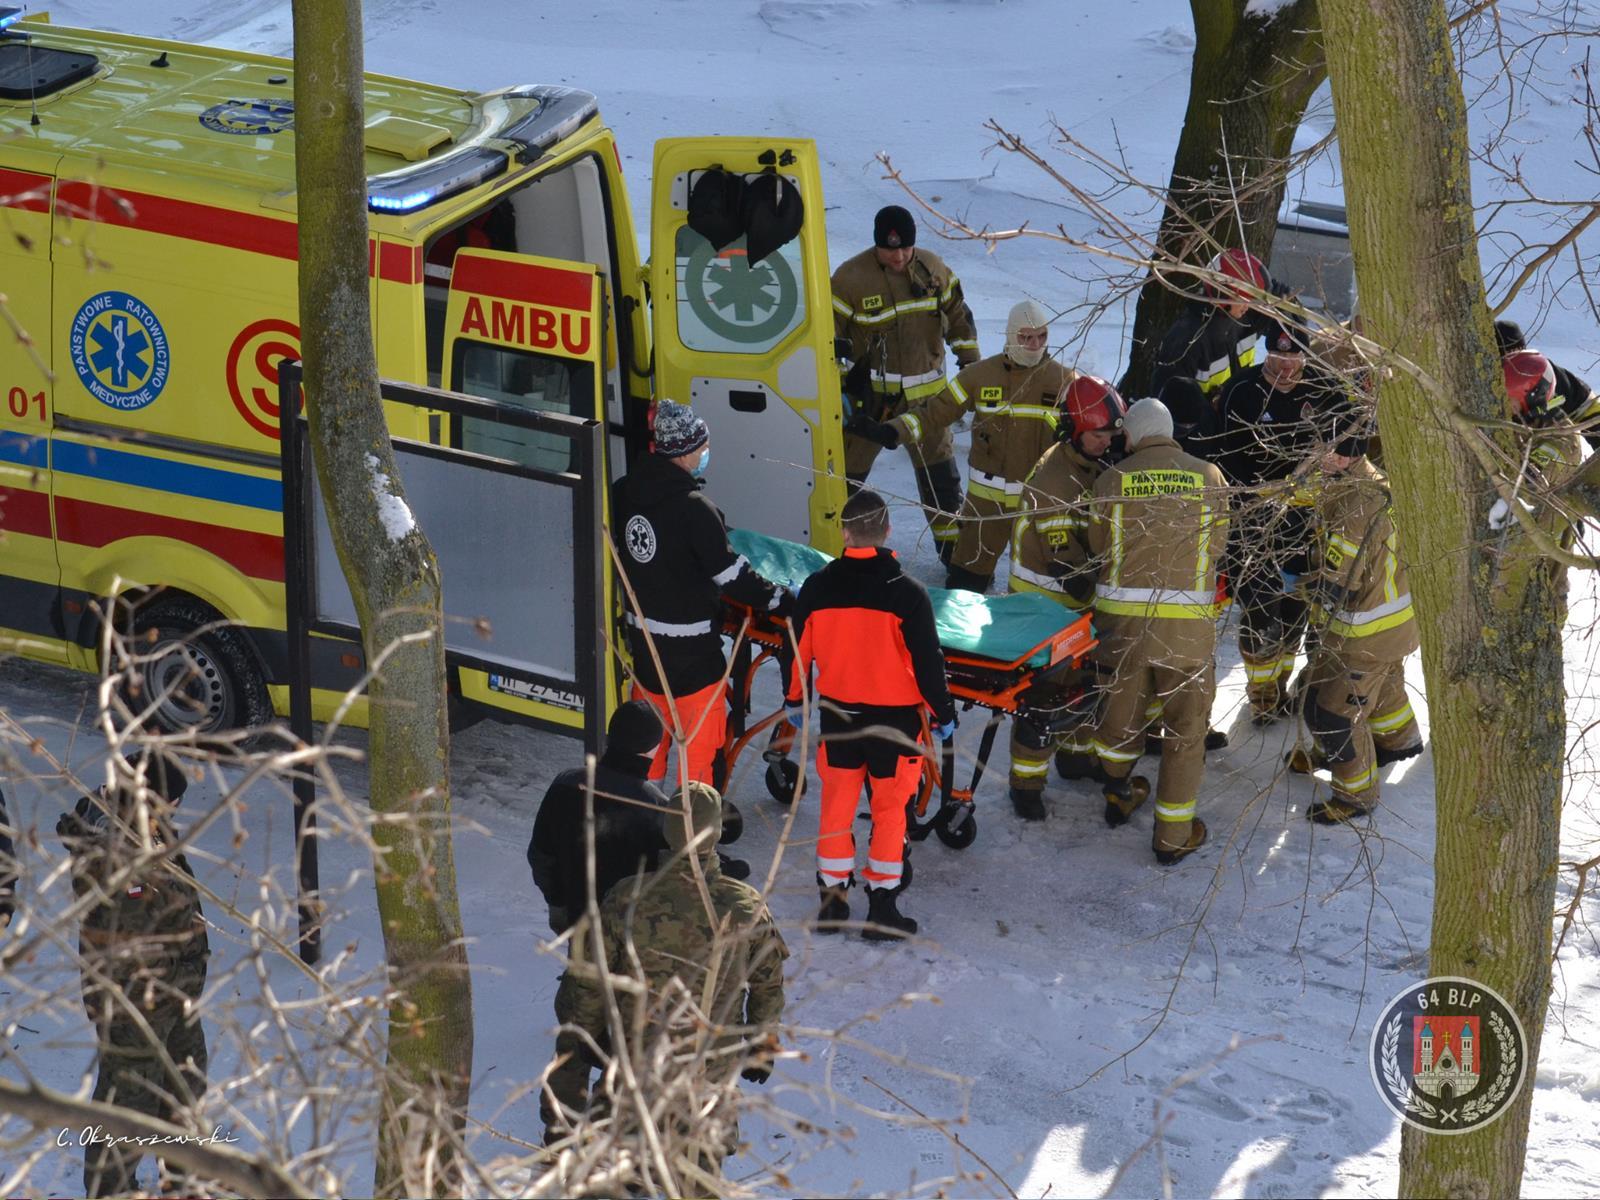 Zmarł mężczyzna, który po południu skoczył z mostu  - Zdjęcie główne